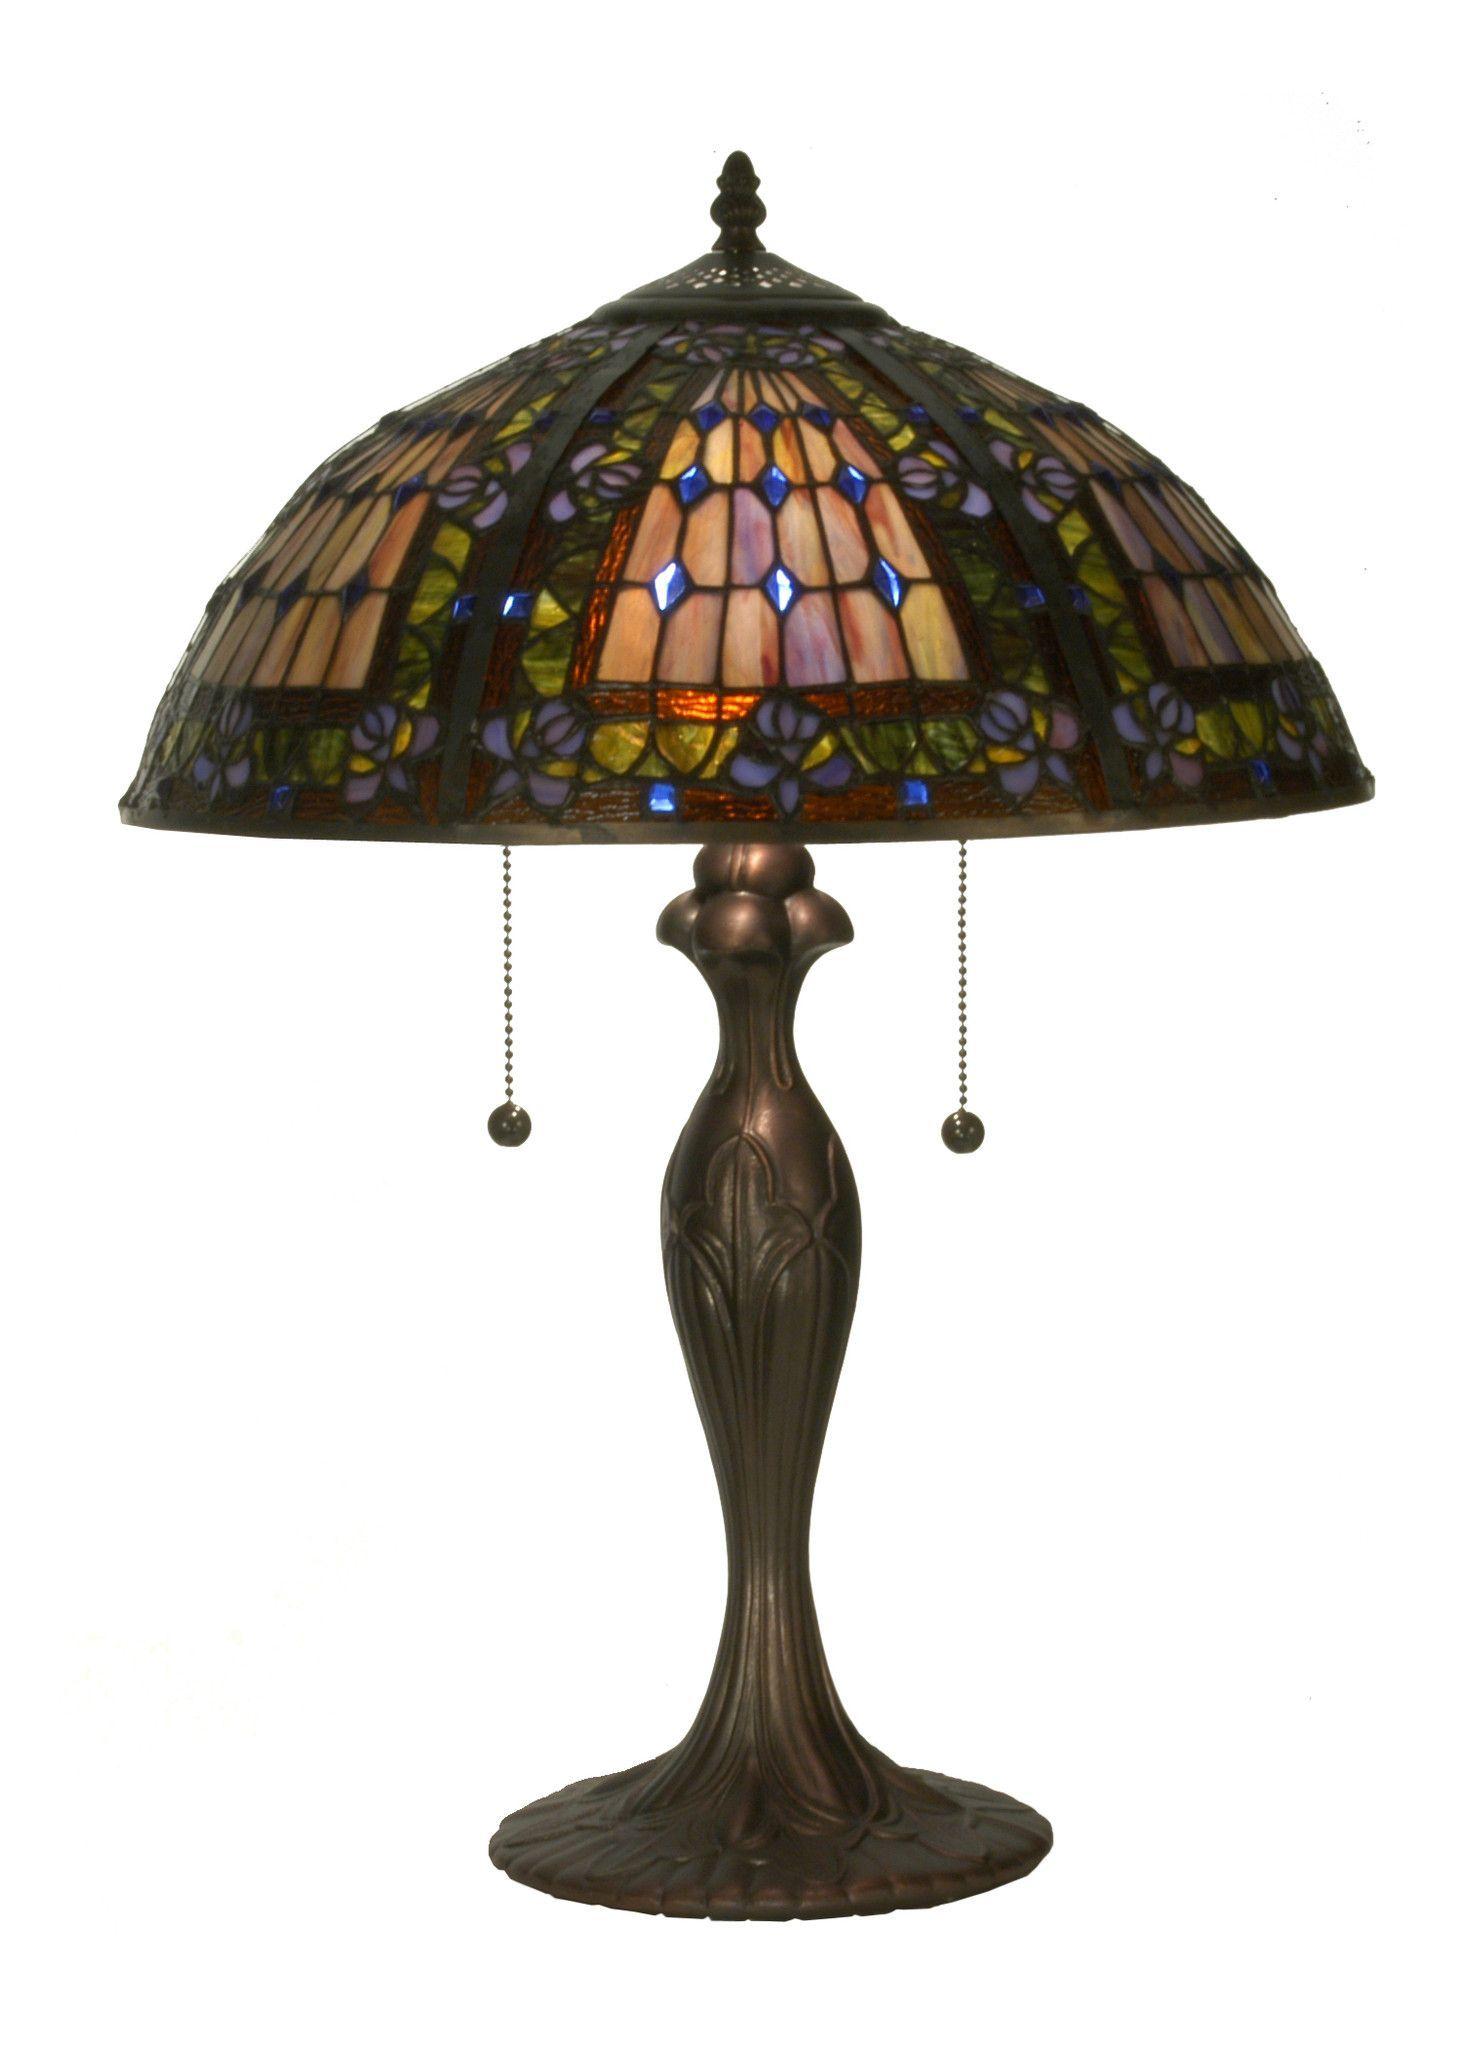 225h tiffany fleur de lis table lamp products 225h tiffany fleur de lis table lamp geotapseo Gallery